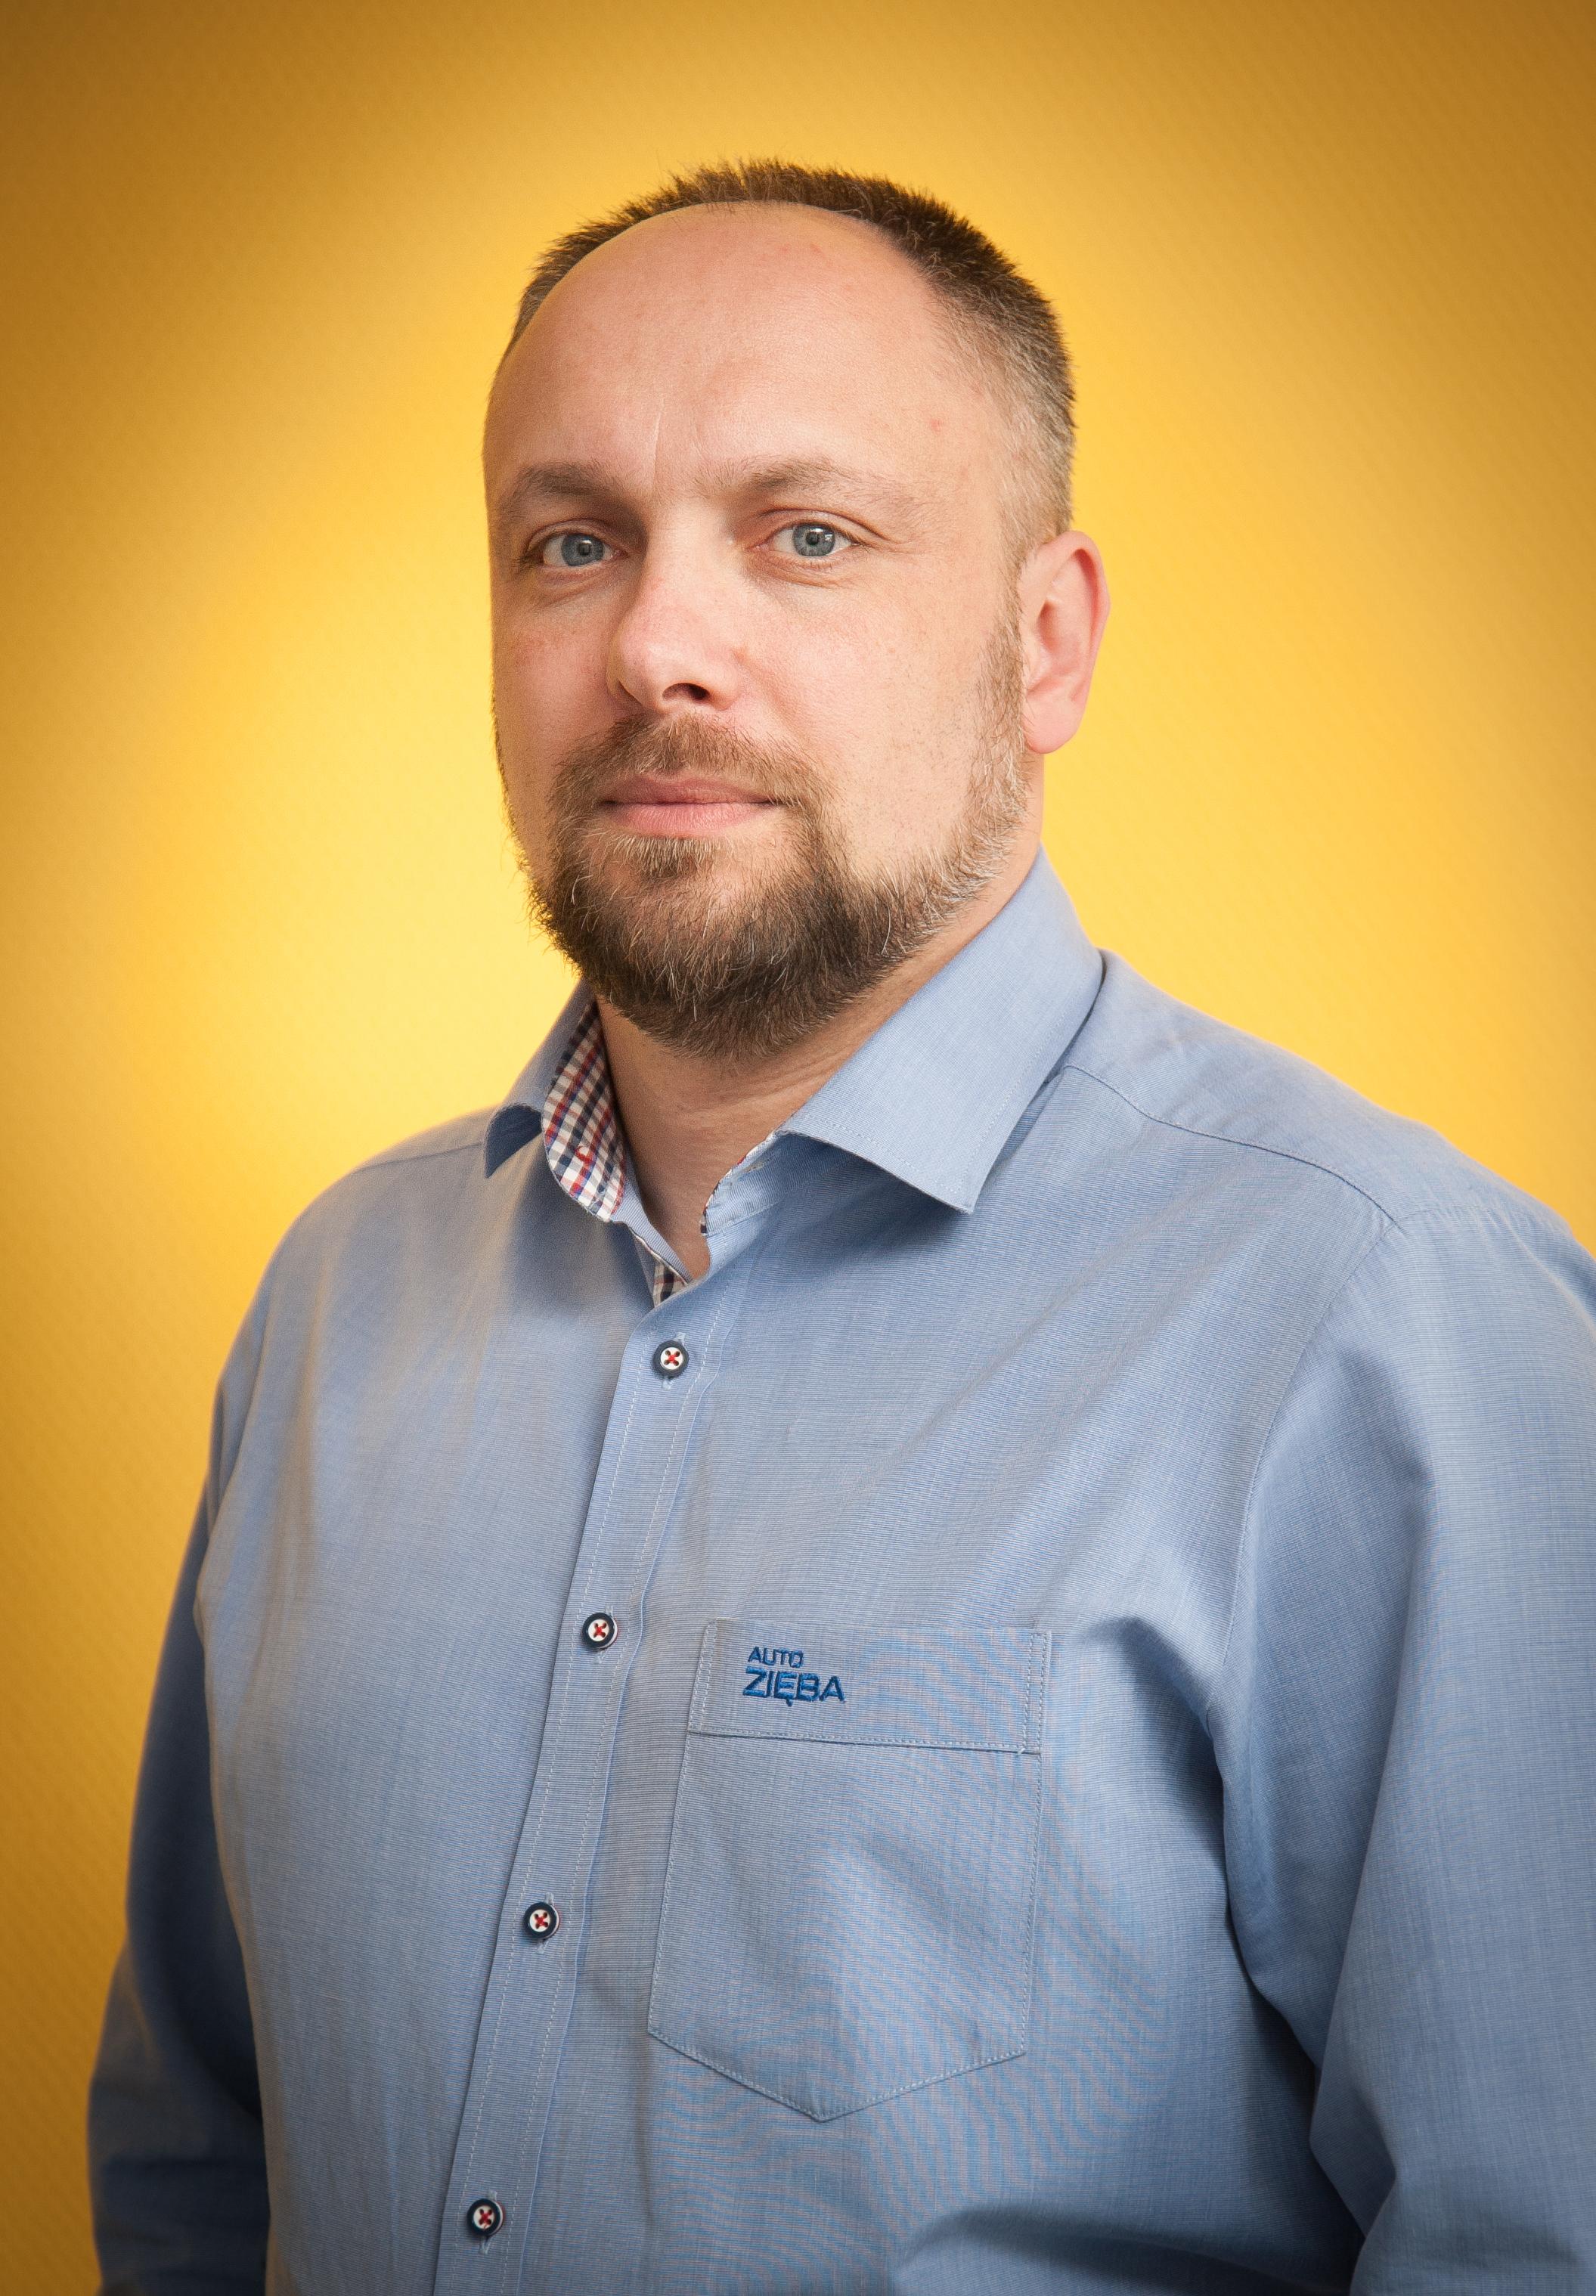 Zdjęcie Przemysław Morawiecki